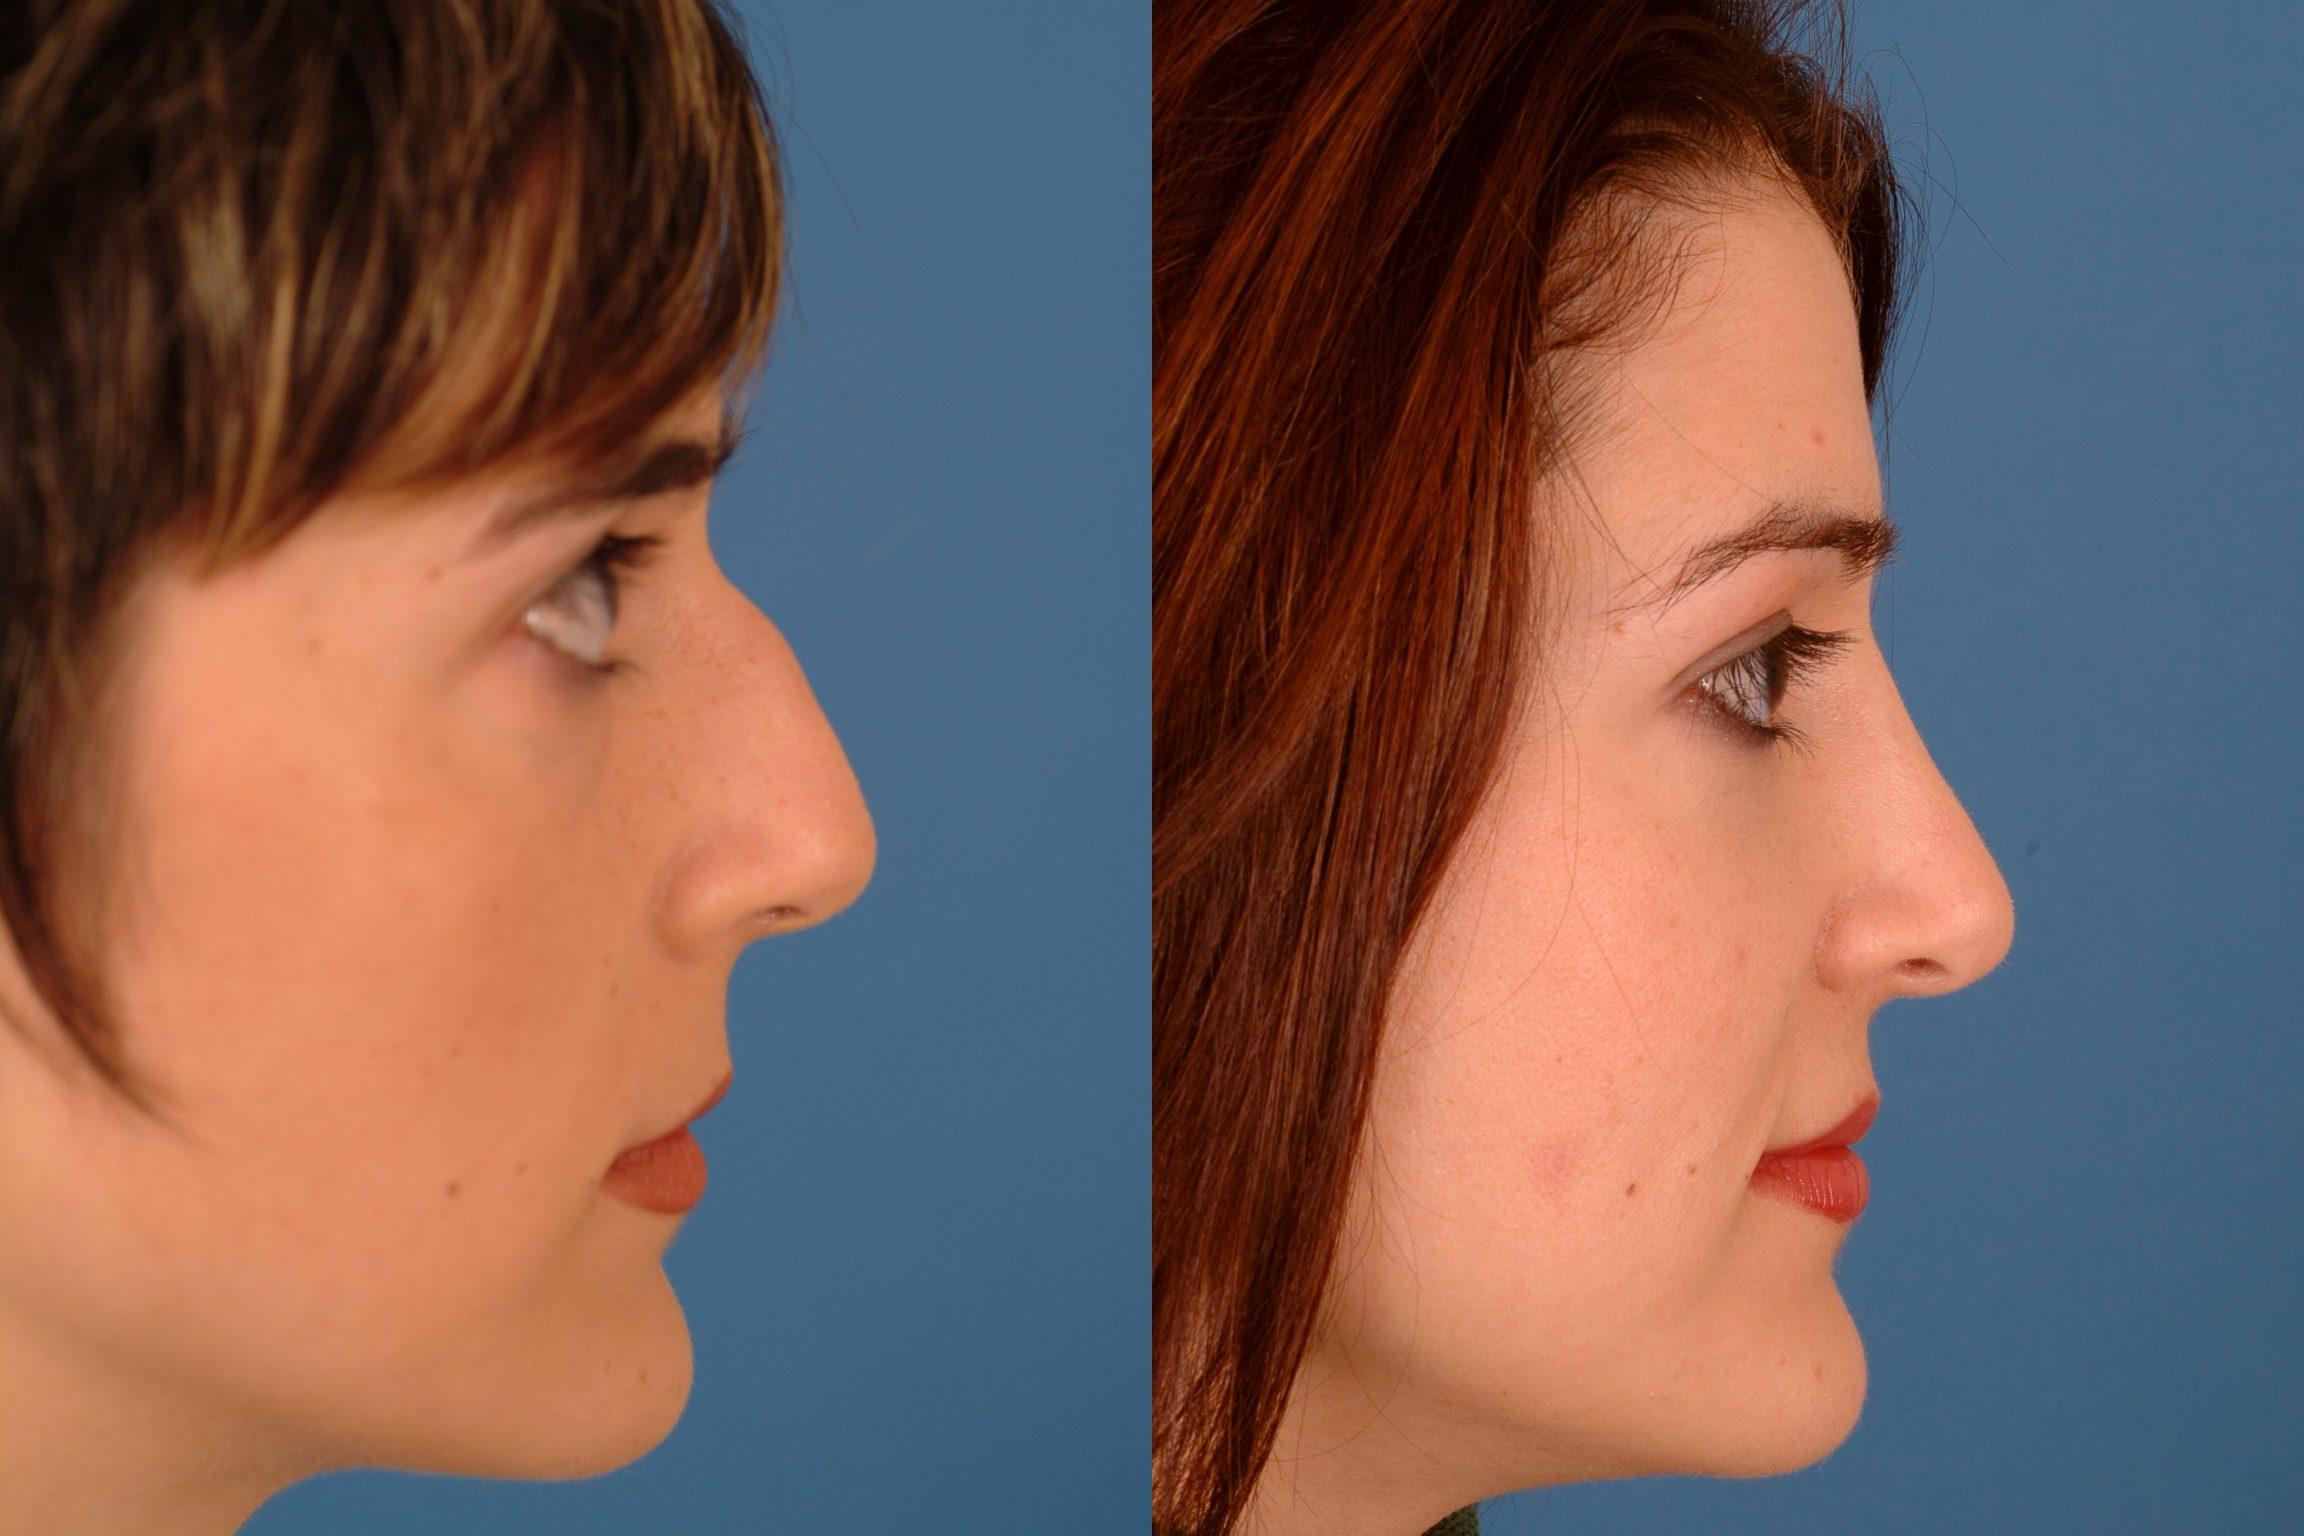 Schenectady Facial Reconstructive Surgery